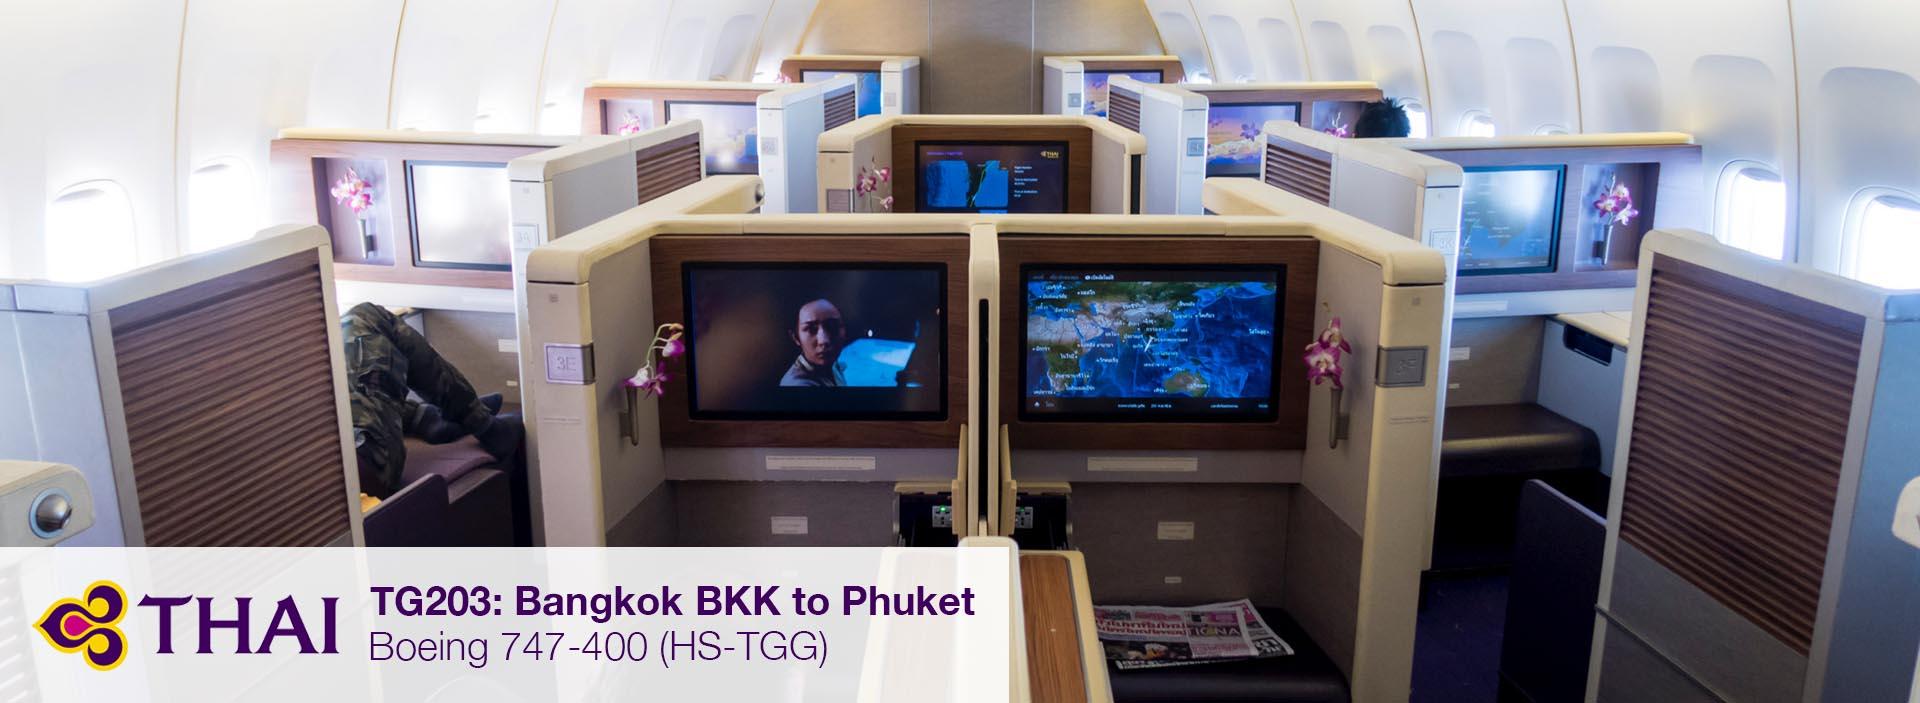 Flight Review: Thai Airways 747-400 Business Class from Bangkok Suvarnabhumi to Phuket